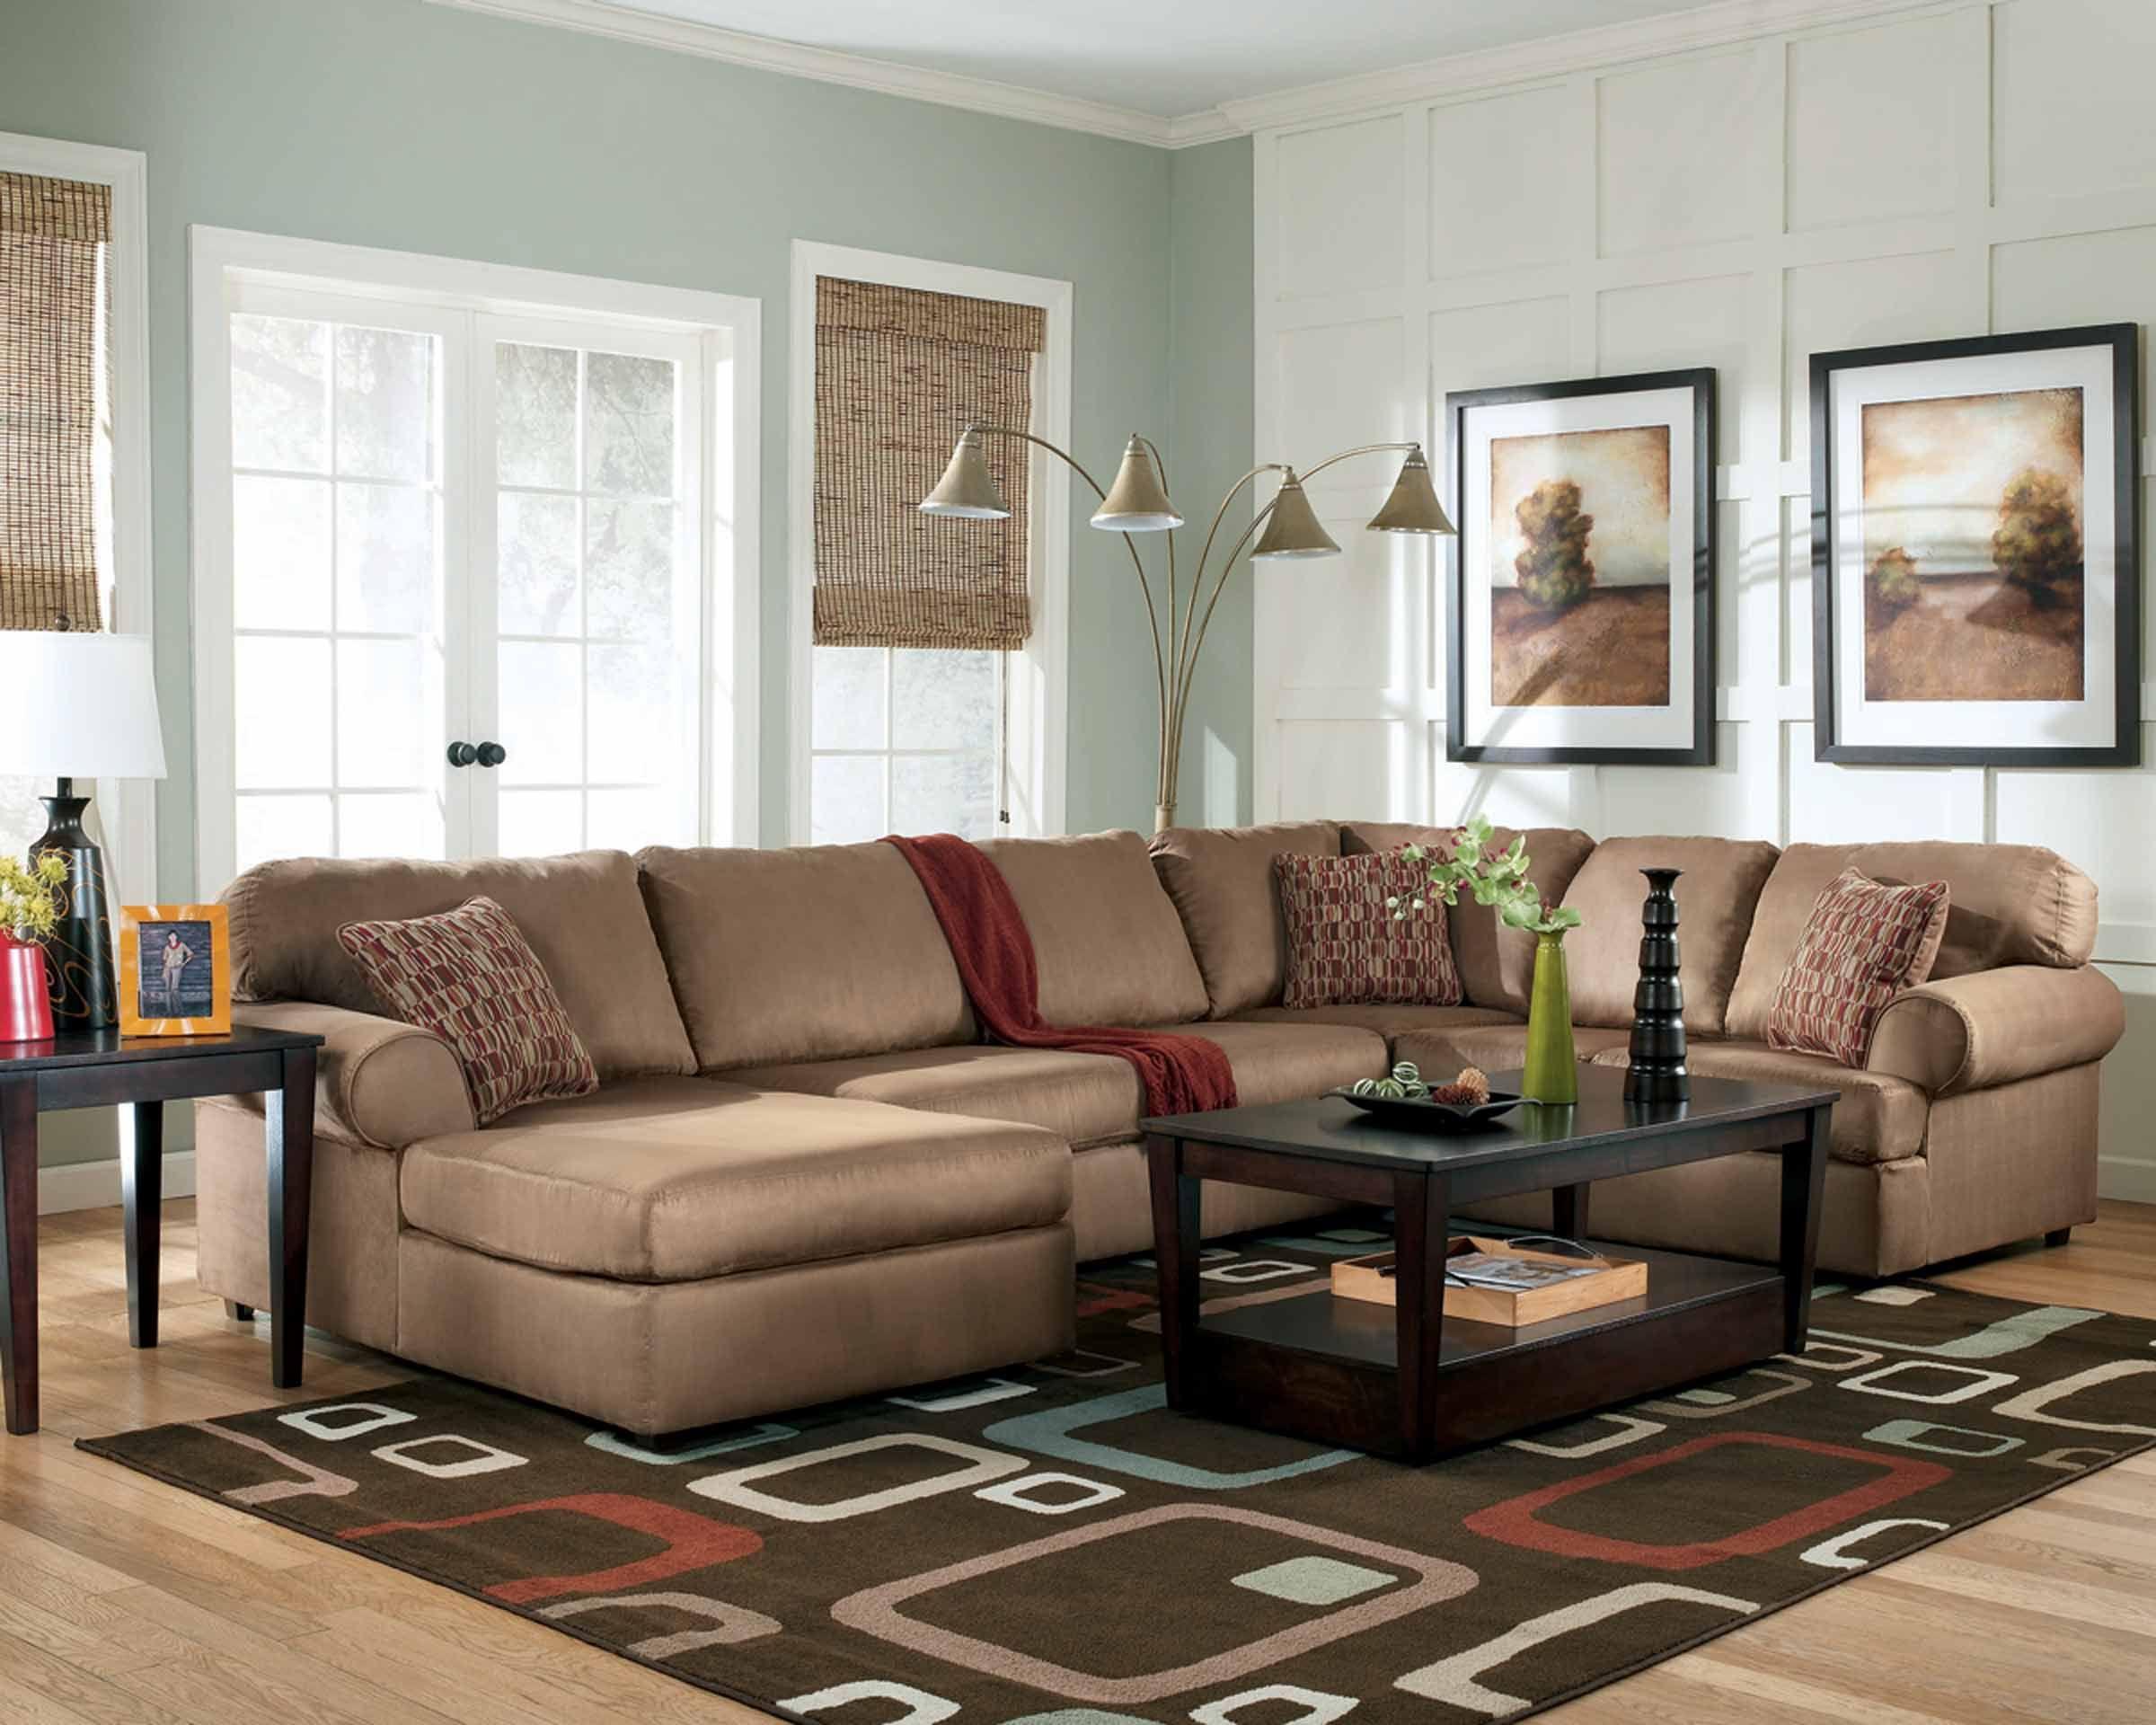 Residential Carpets By RKS Rks Karpetsbyrks Designerrugs Manufactures Suppliers Rug Sectional Living RoomsLiving Room